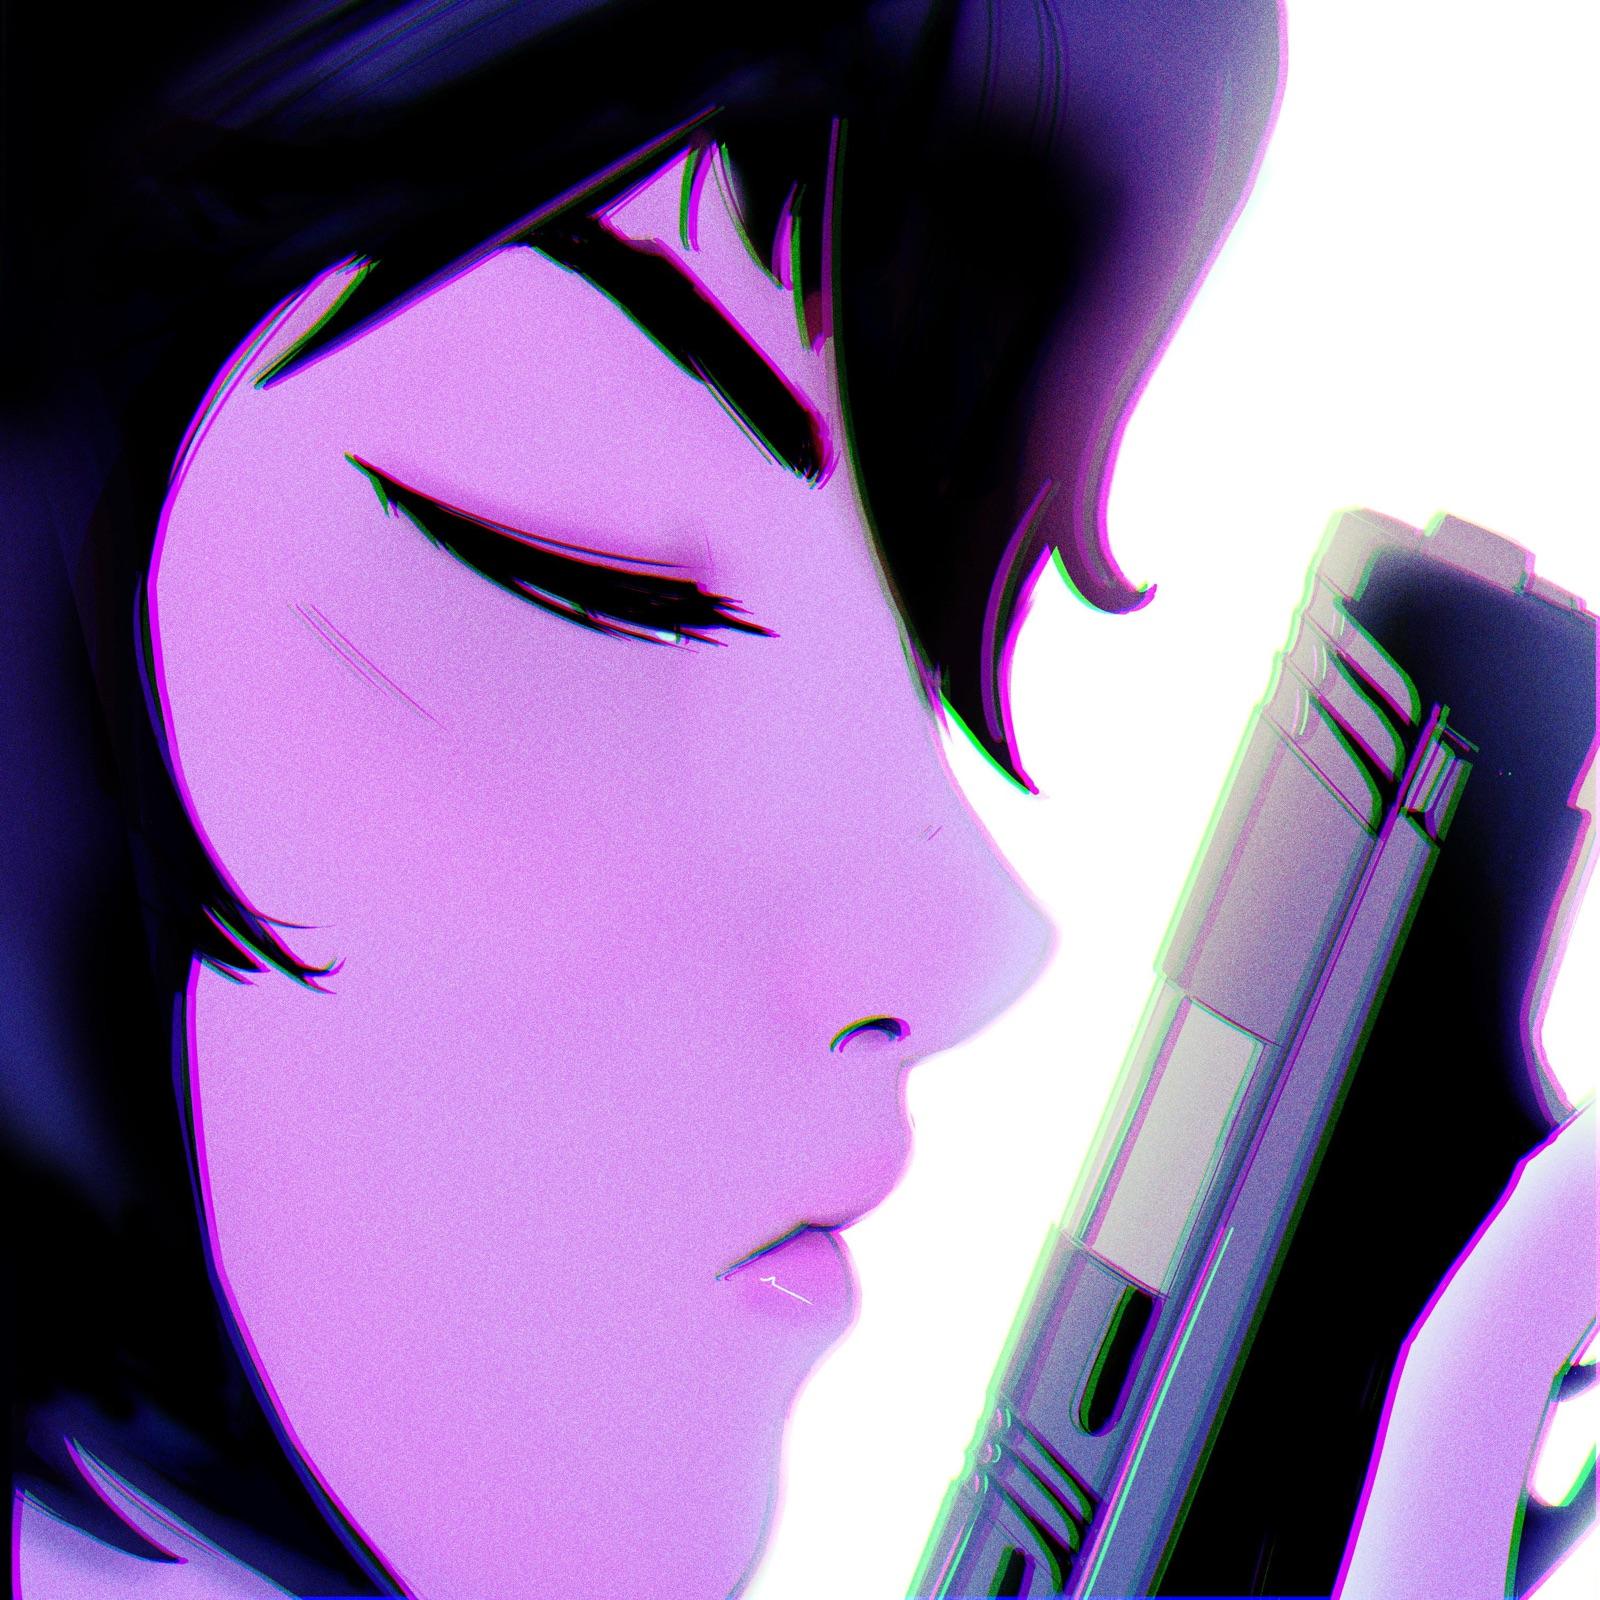 Ghost in the Machine : Motoko Kusanaji - EP